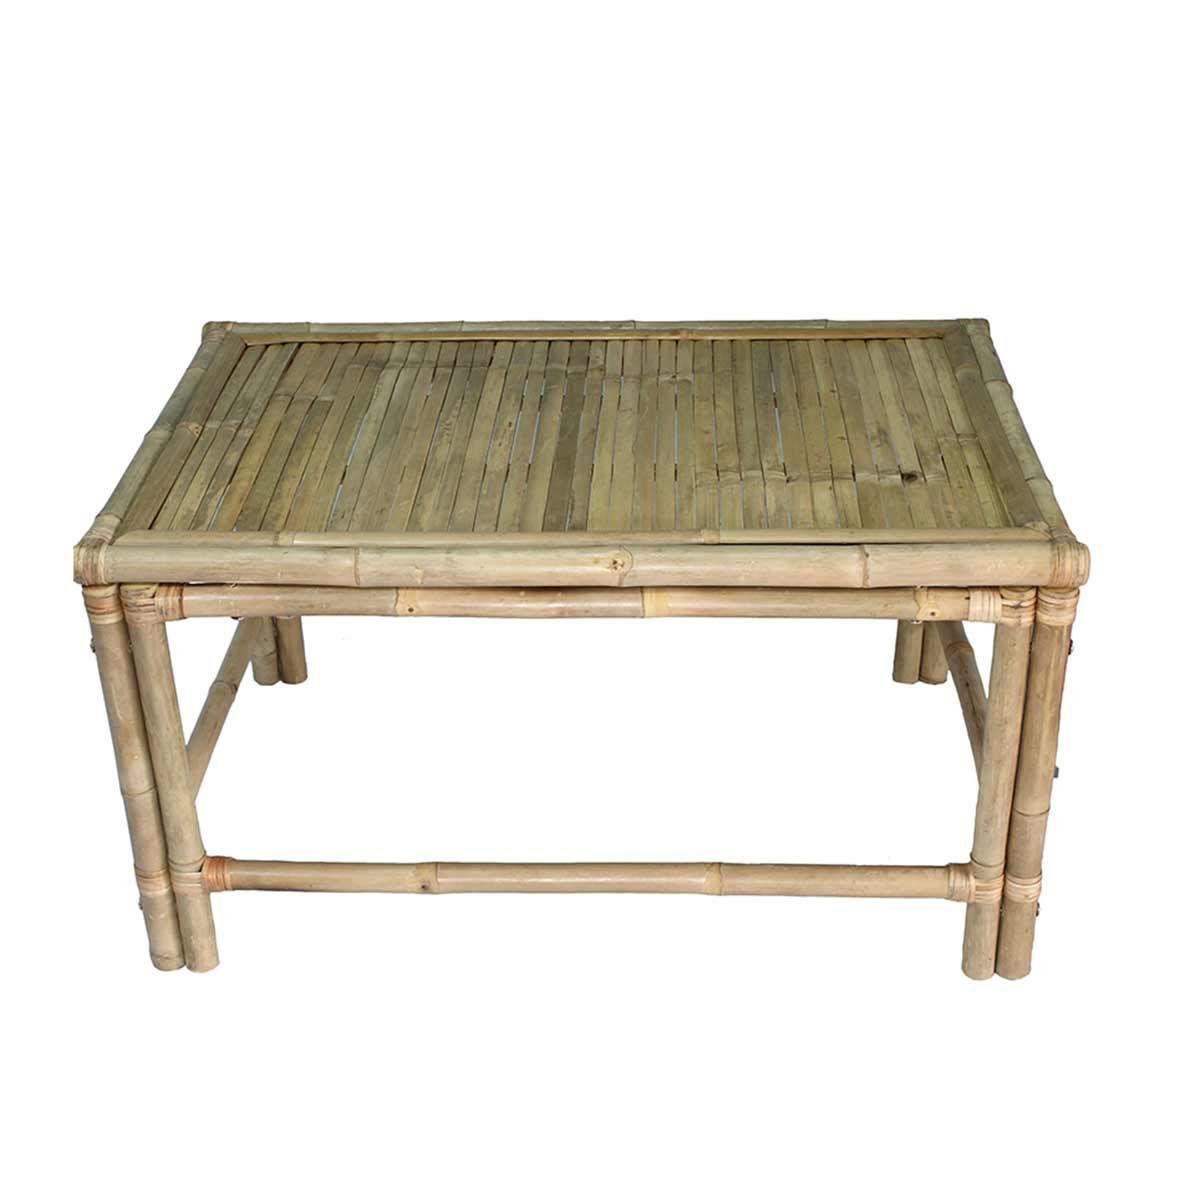 Table basse en bambou  bois clair